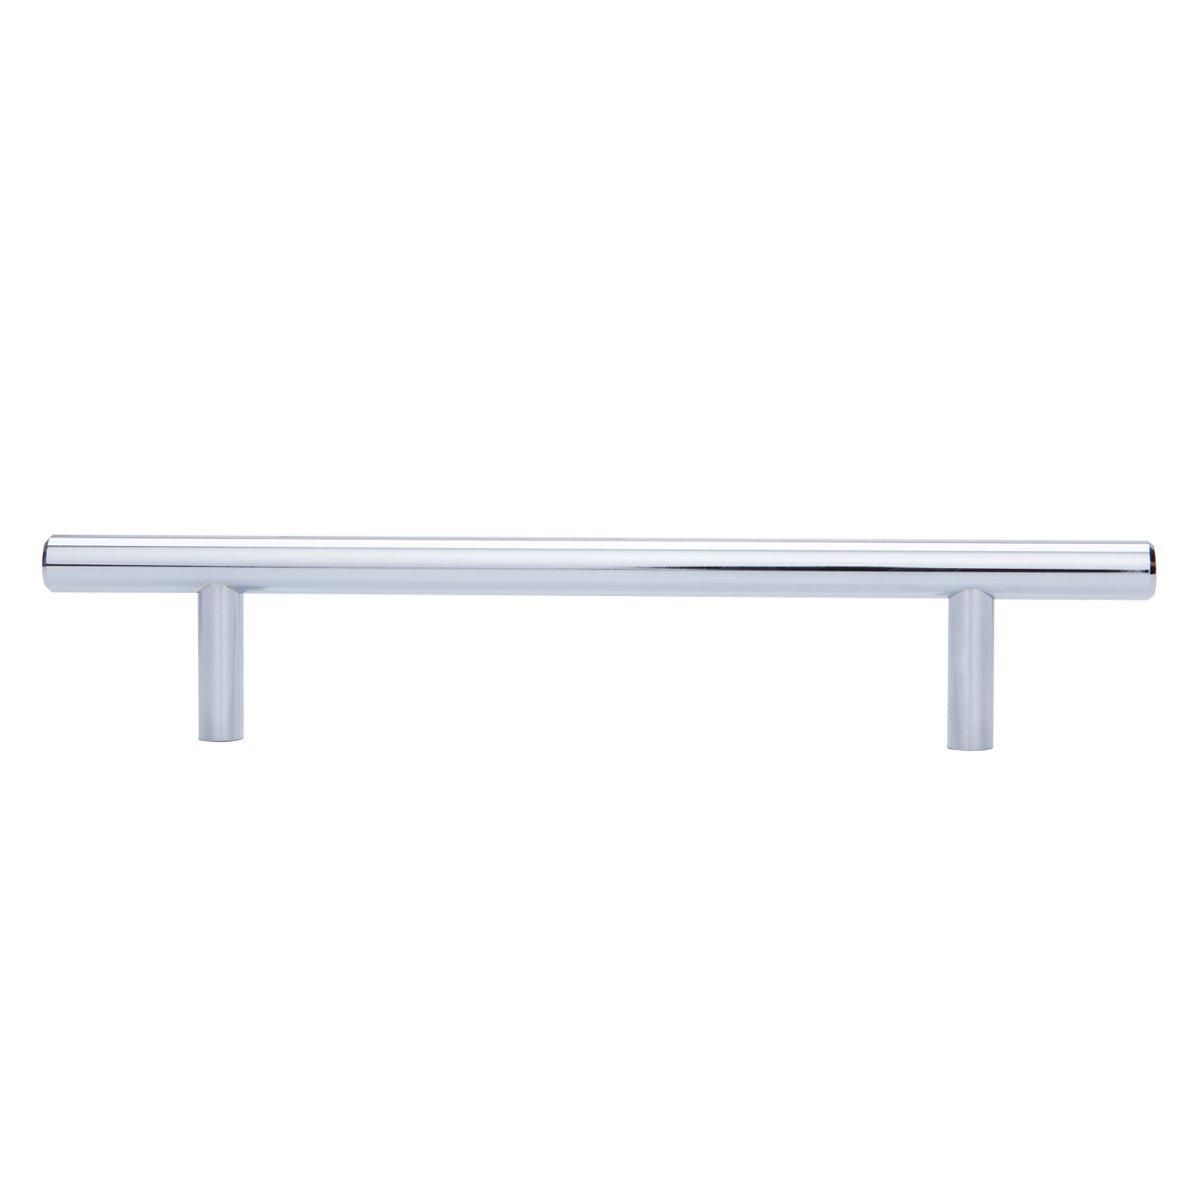 AmazonBasics - Tirador de armario en forma de barra, tipo europeo (9,52 mm de diámetro), 18,74 cm de longitud (centro del orificio de 12,7 cm), Cromo pulido, Paquete de 50: Amazon.es: Bricolaje y herramientas